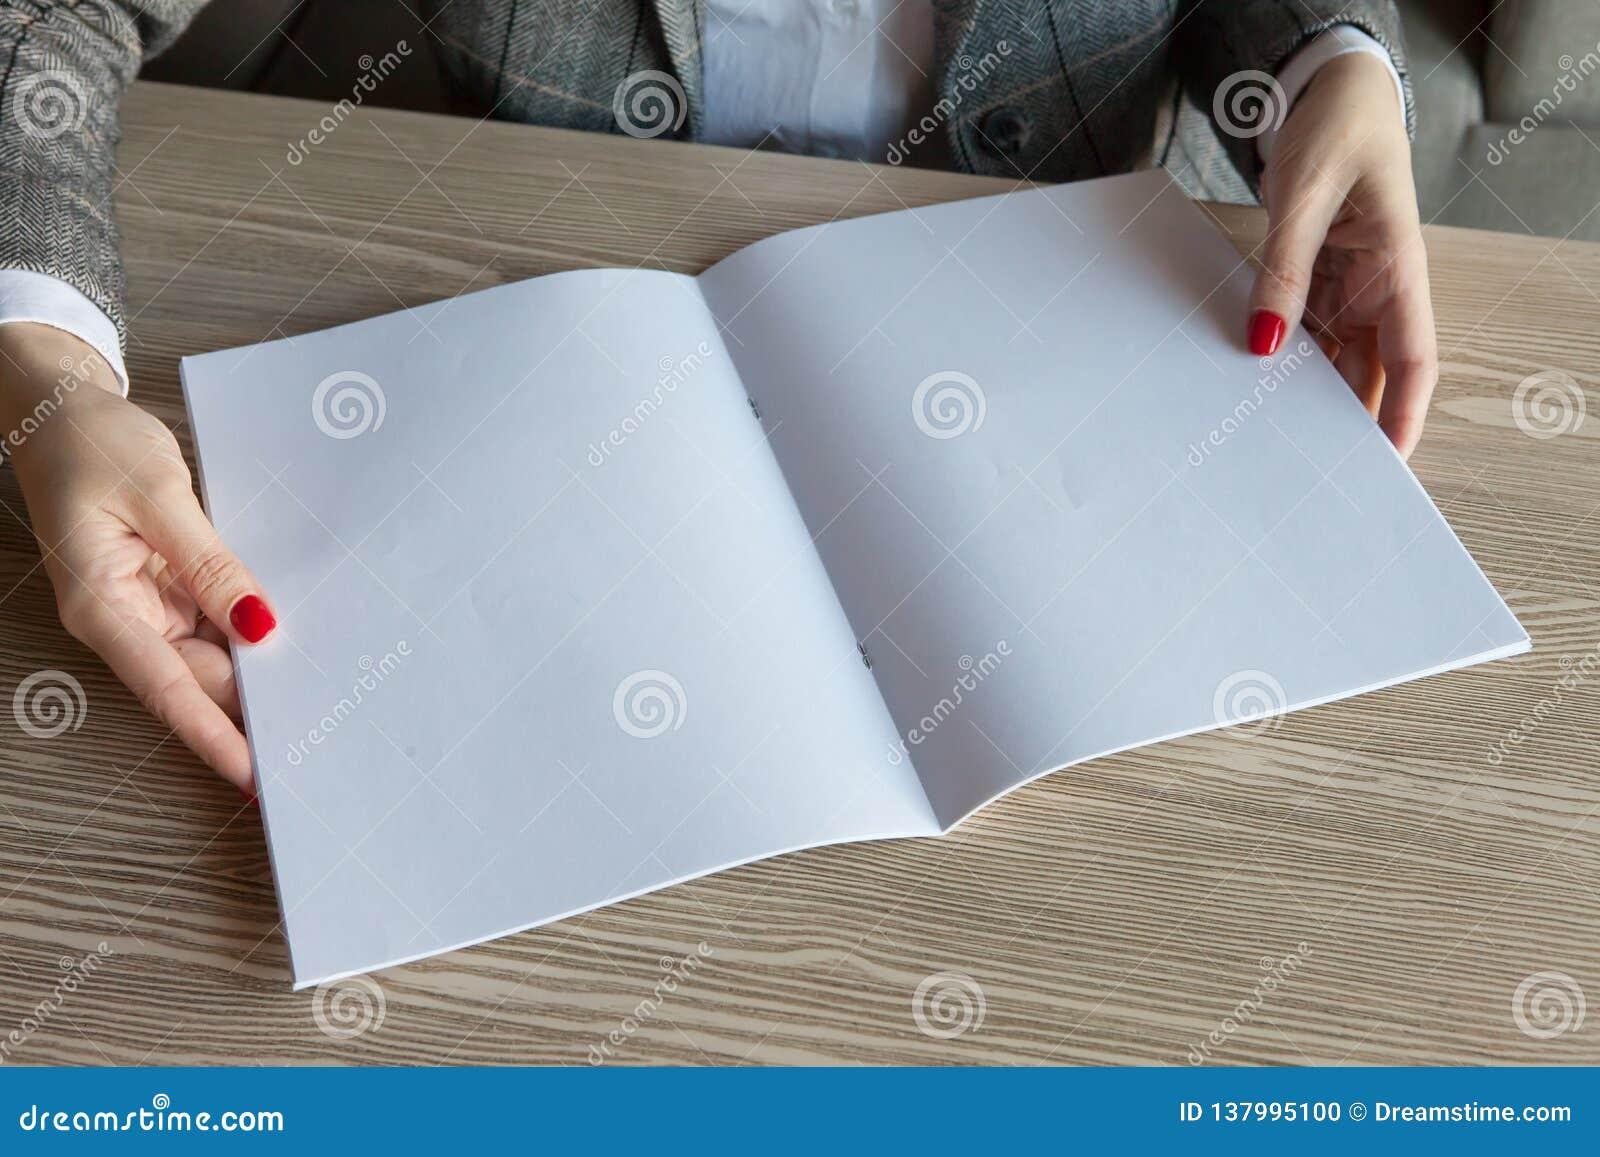 La ragazza tiene a disposizione il modello della rivista il formato A4